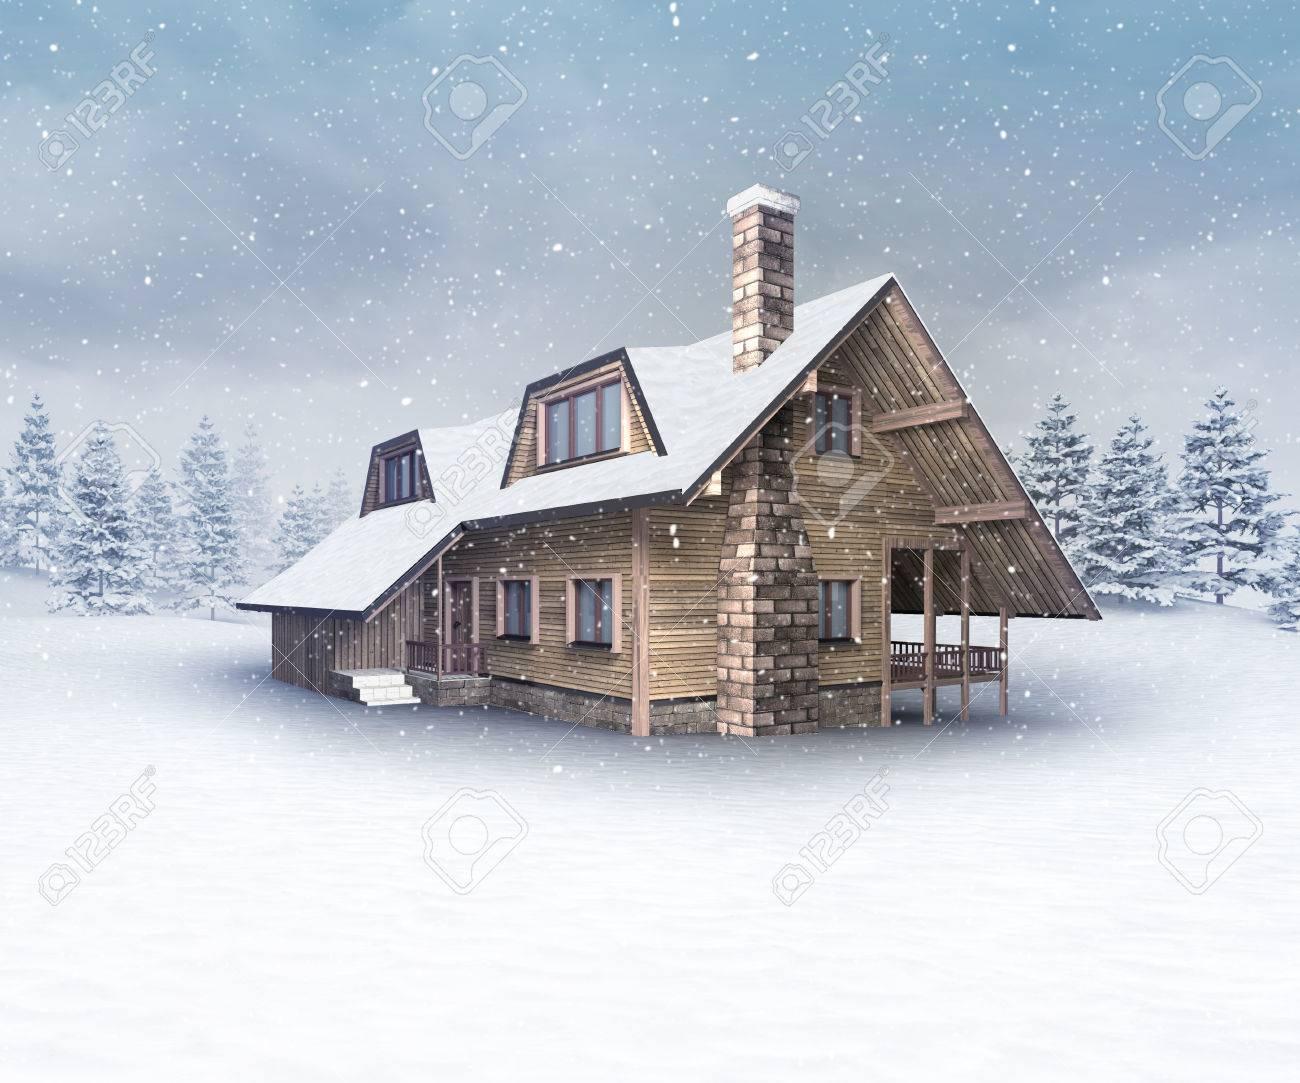 冬の積雪冬シーズンの屋外風景 3 D イラストで季節的な木製小屋 の写真